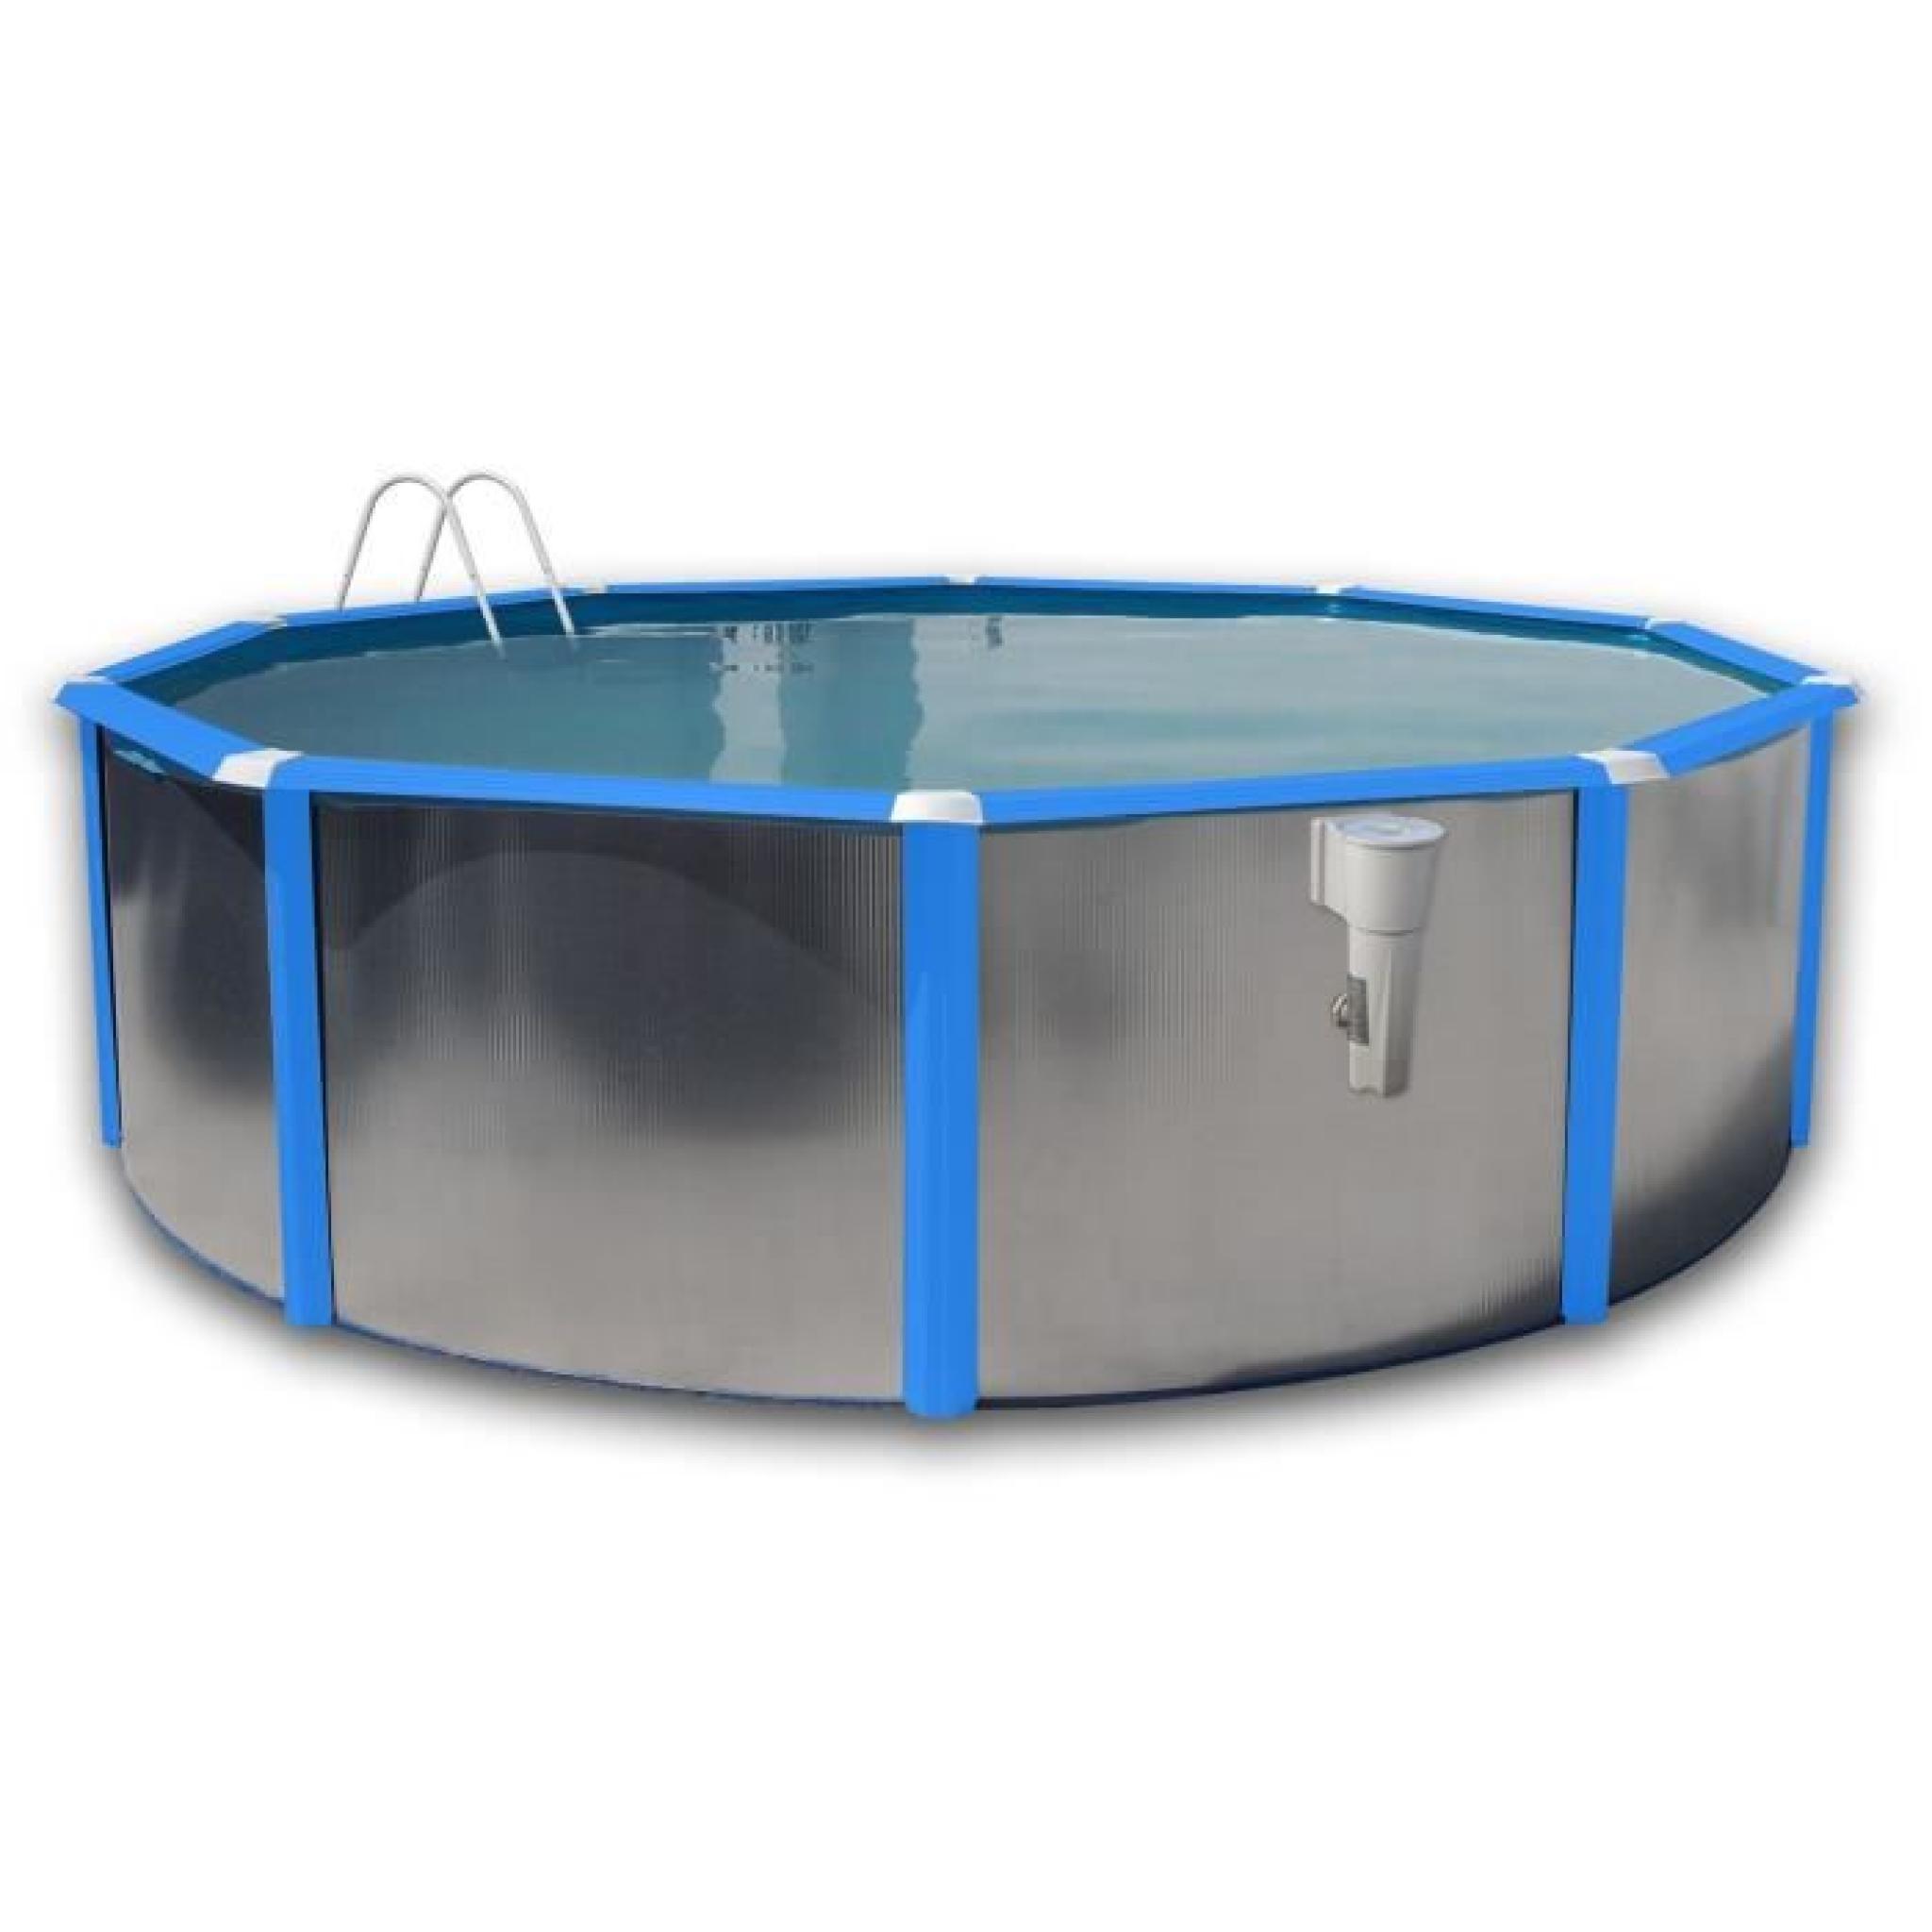 Silver luna noire piscine en acier circulaire 350x120 - Piscine hors sol acier pas cher ...